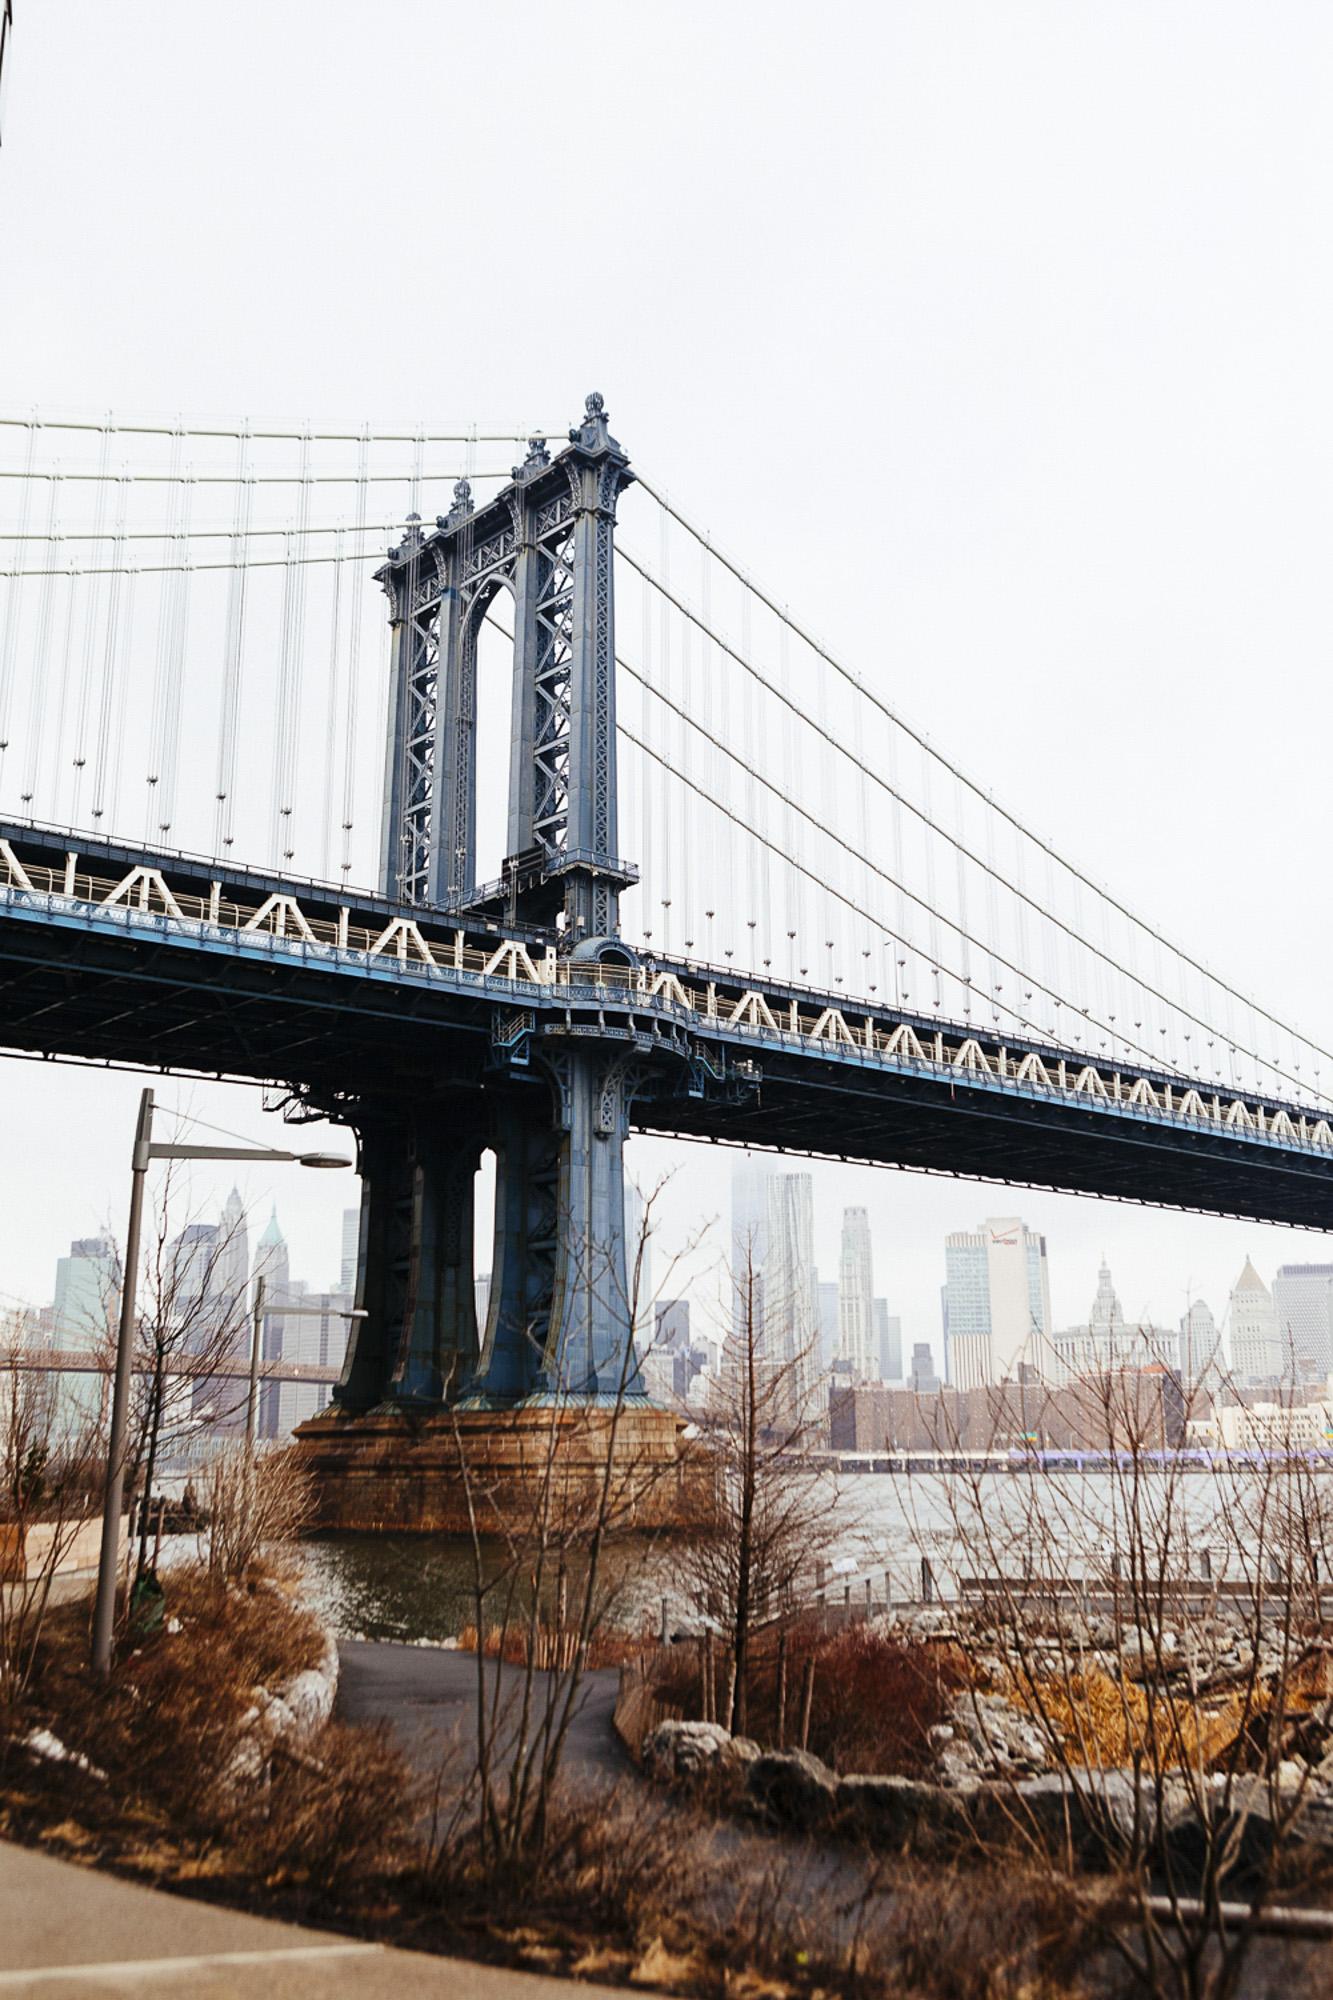 kyrani-kanavaros-new-york-photography-3.jpg